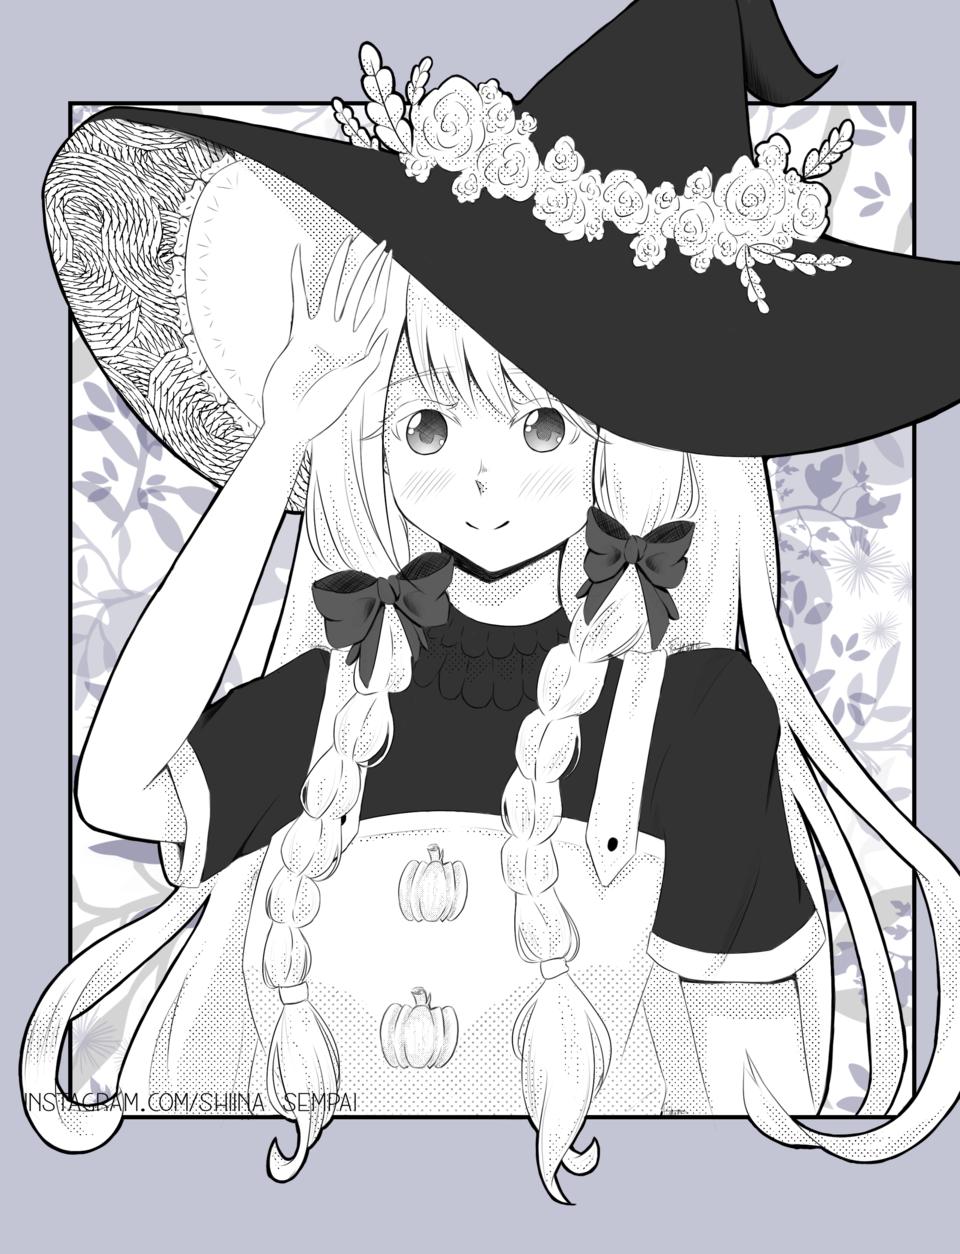 Request #3 Illust of Shiina Sempai manga screentones